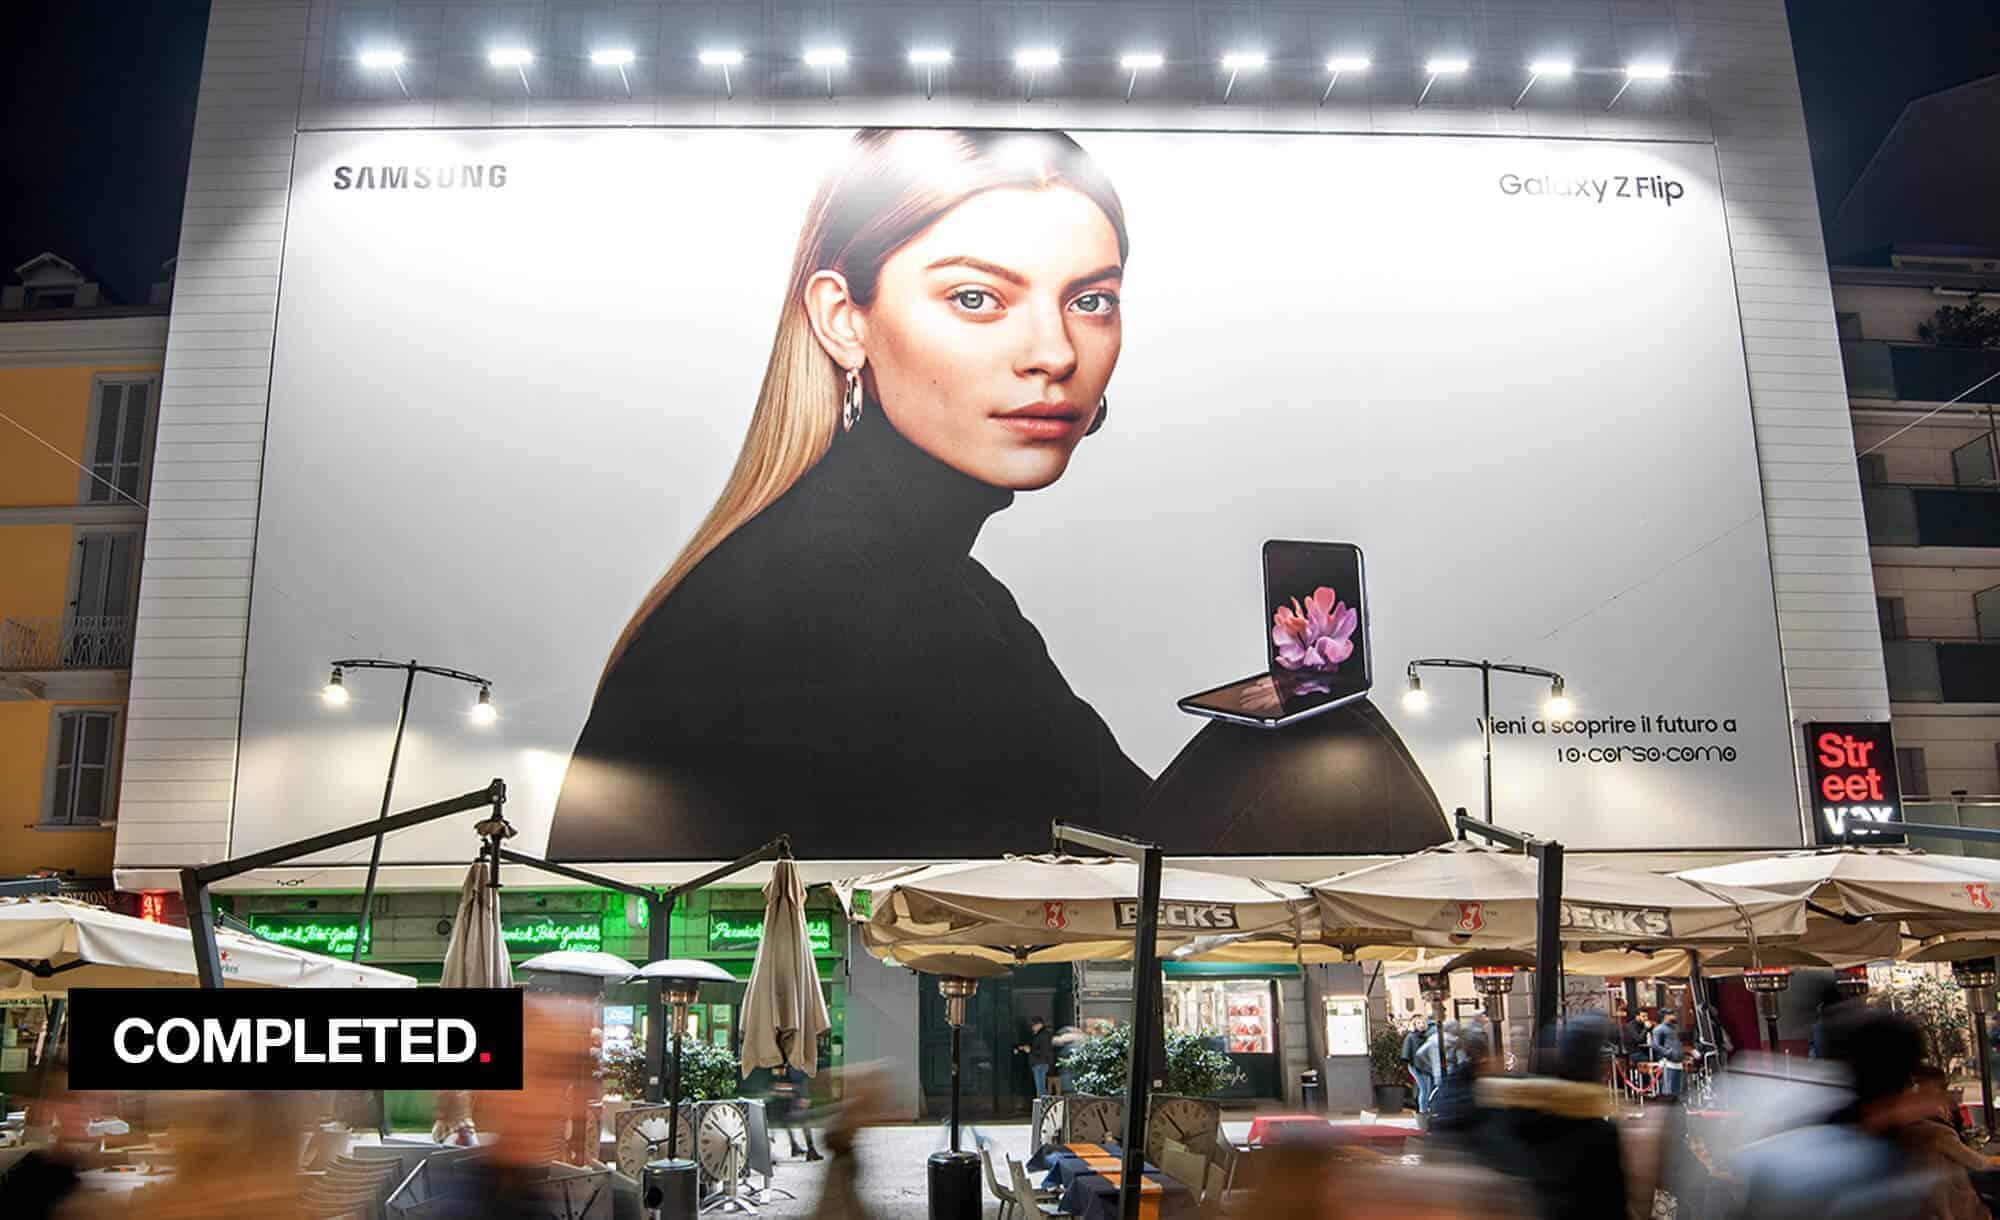 Maxi Affisione a Milano in Corso Como 6 con Samsung (Technology)